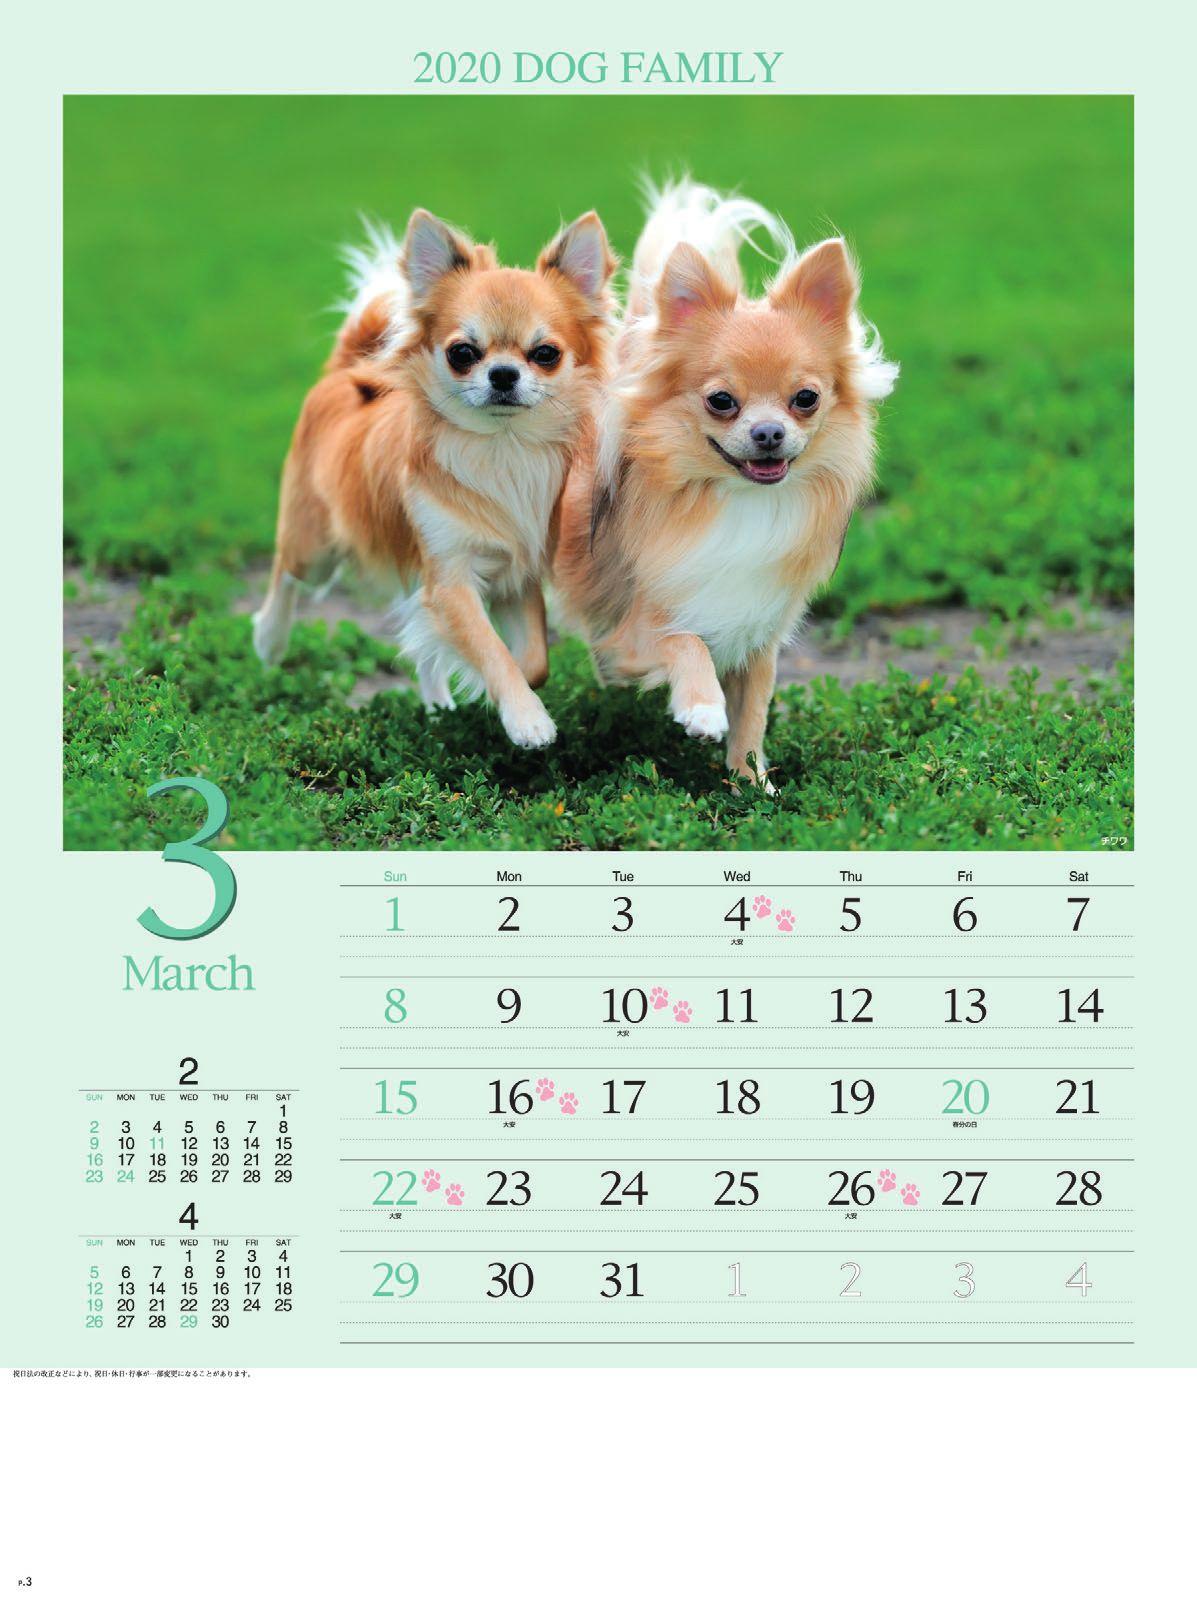 画像:チワワ ドッグファミリー 2020年カレンダー